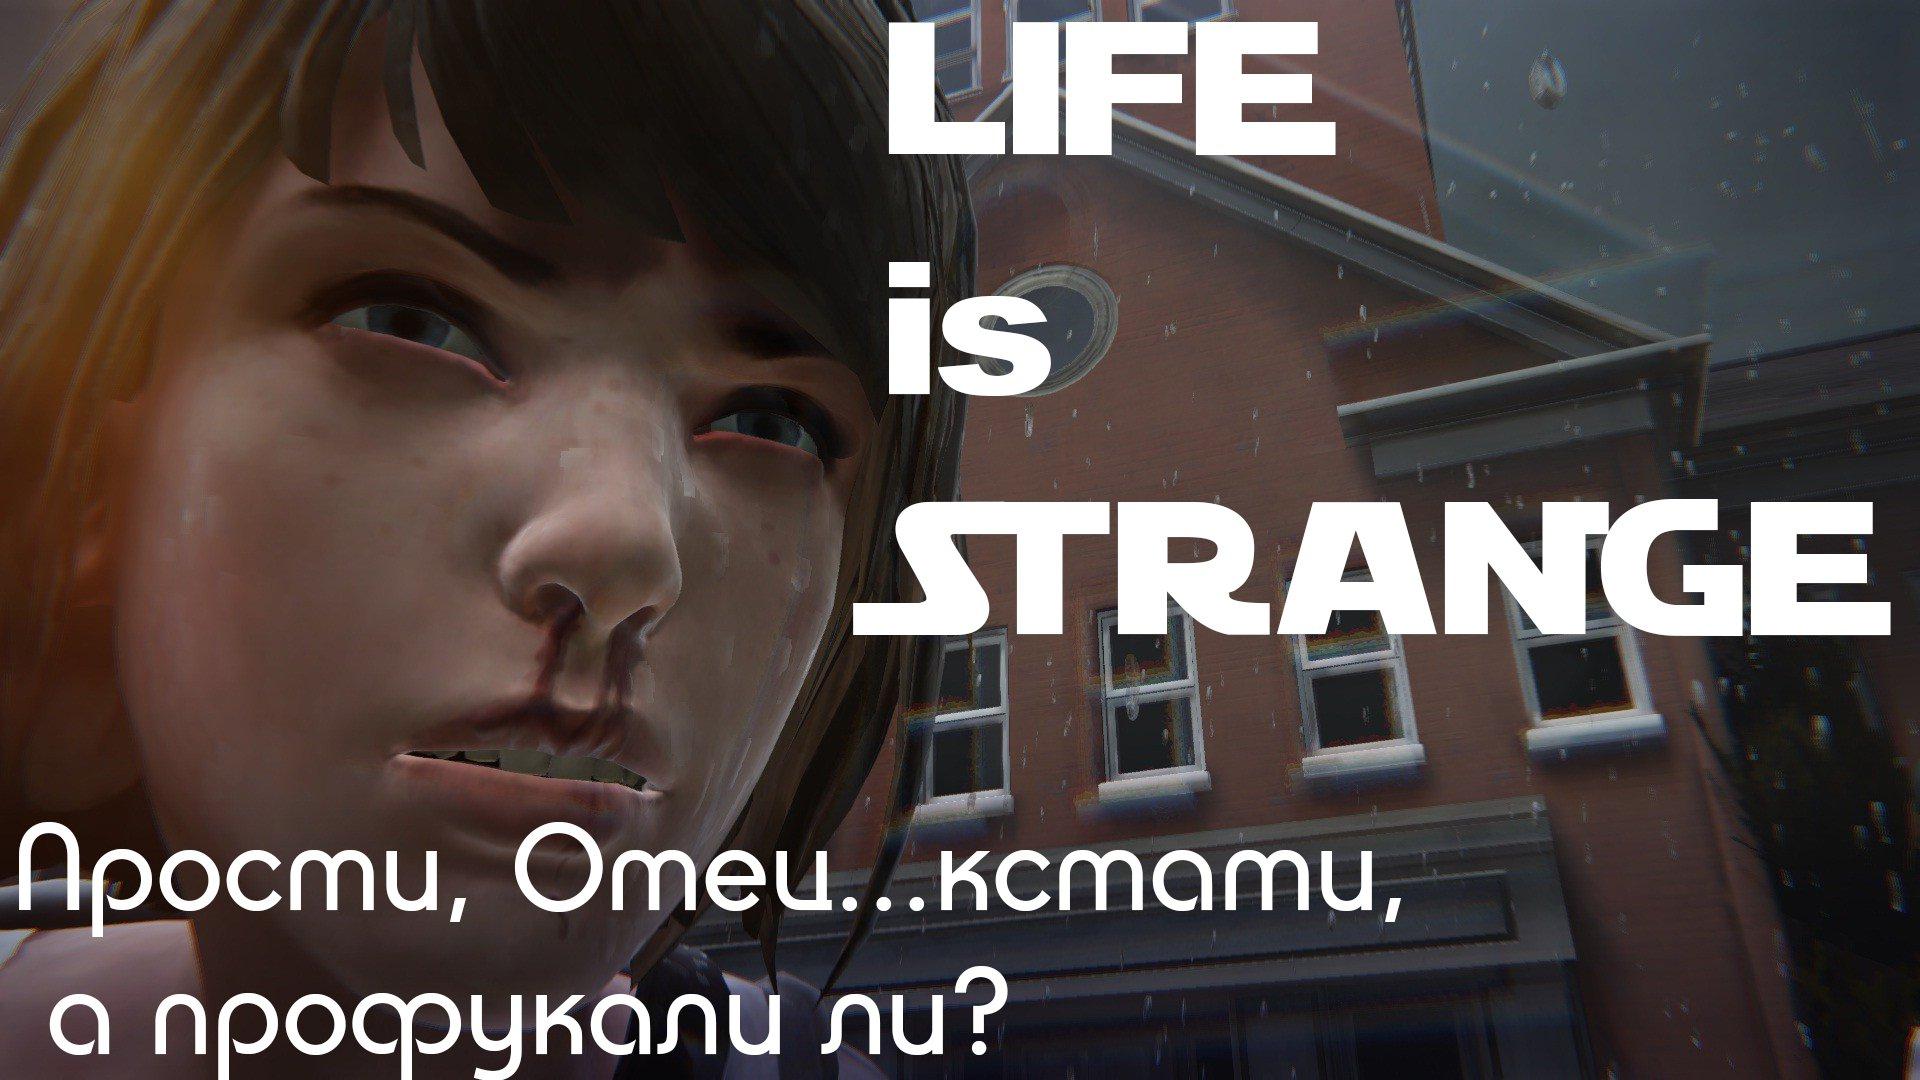 Прости, Отец, мы профукали Life is strange  [часть 1]  - Изображение 1